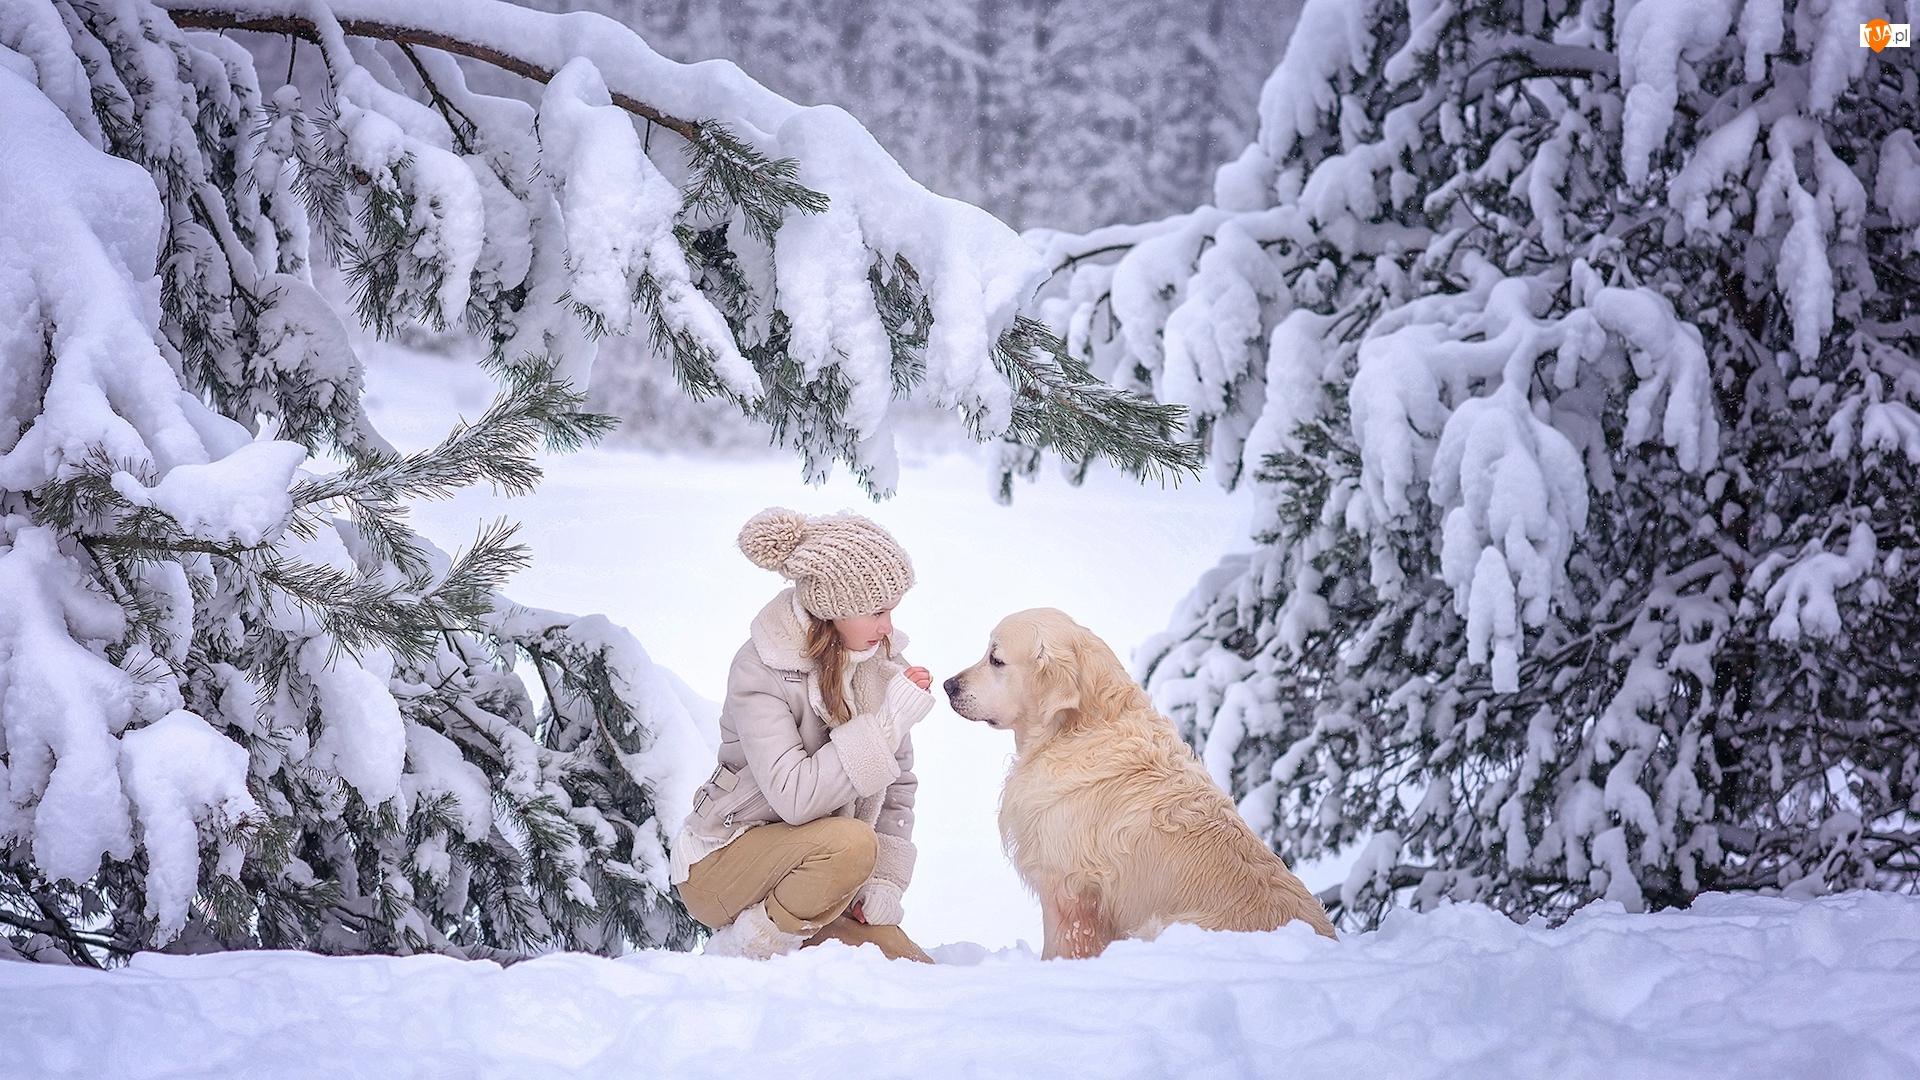 Pies, Dziewczynka, Zima, Drzewa, Golden retriever, Ośnieżone